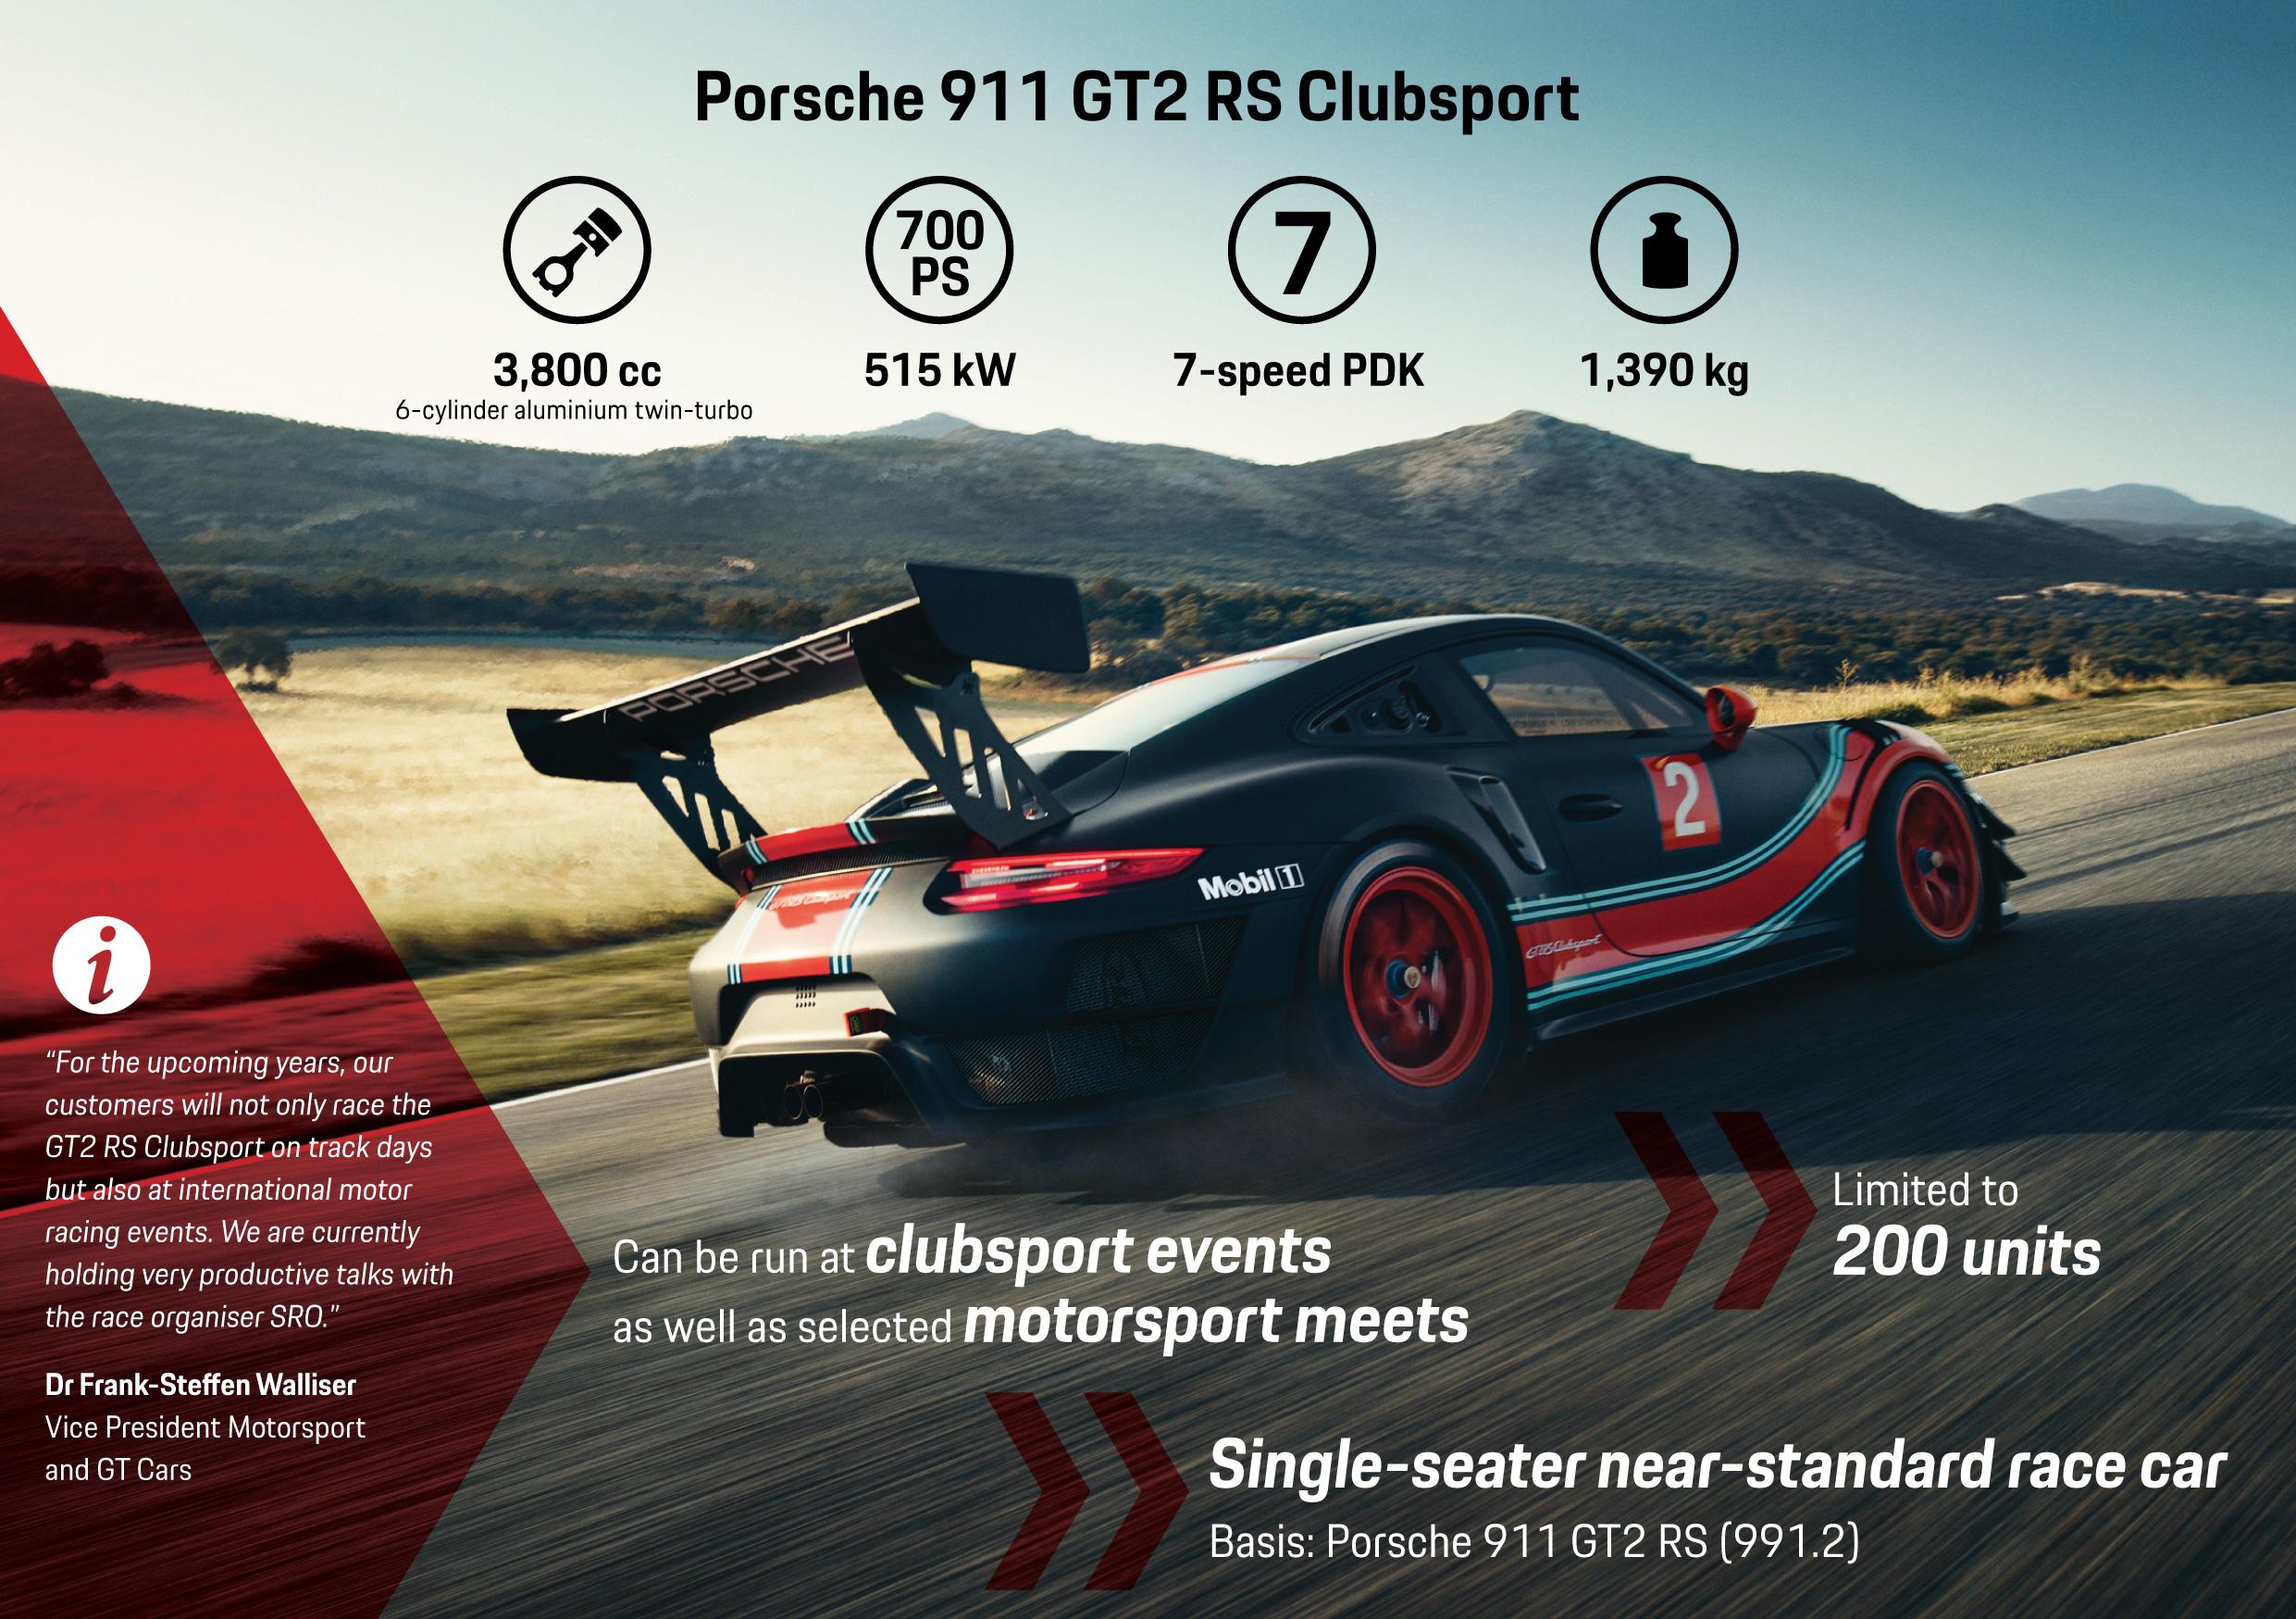 Porsche 911 GT2 RS Clubsport, infographic, 2018, Porsche AG